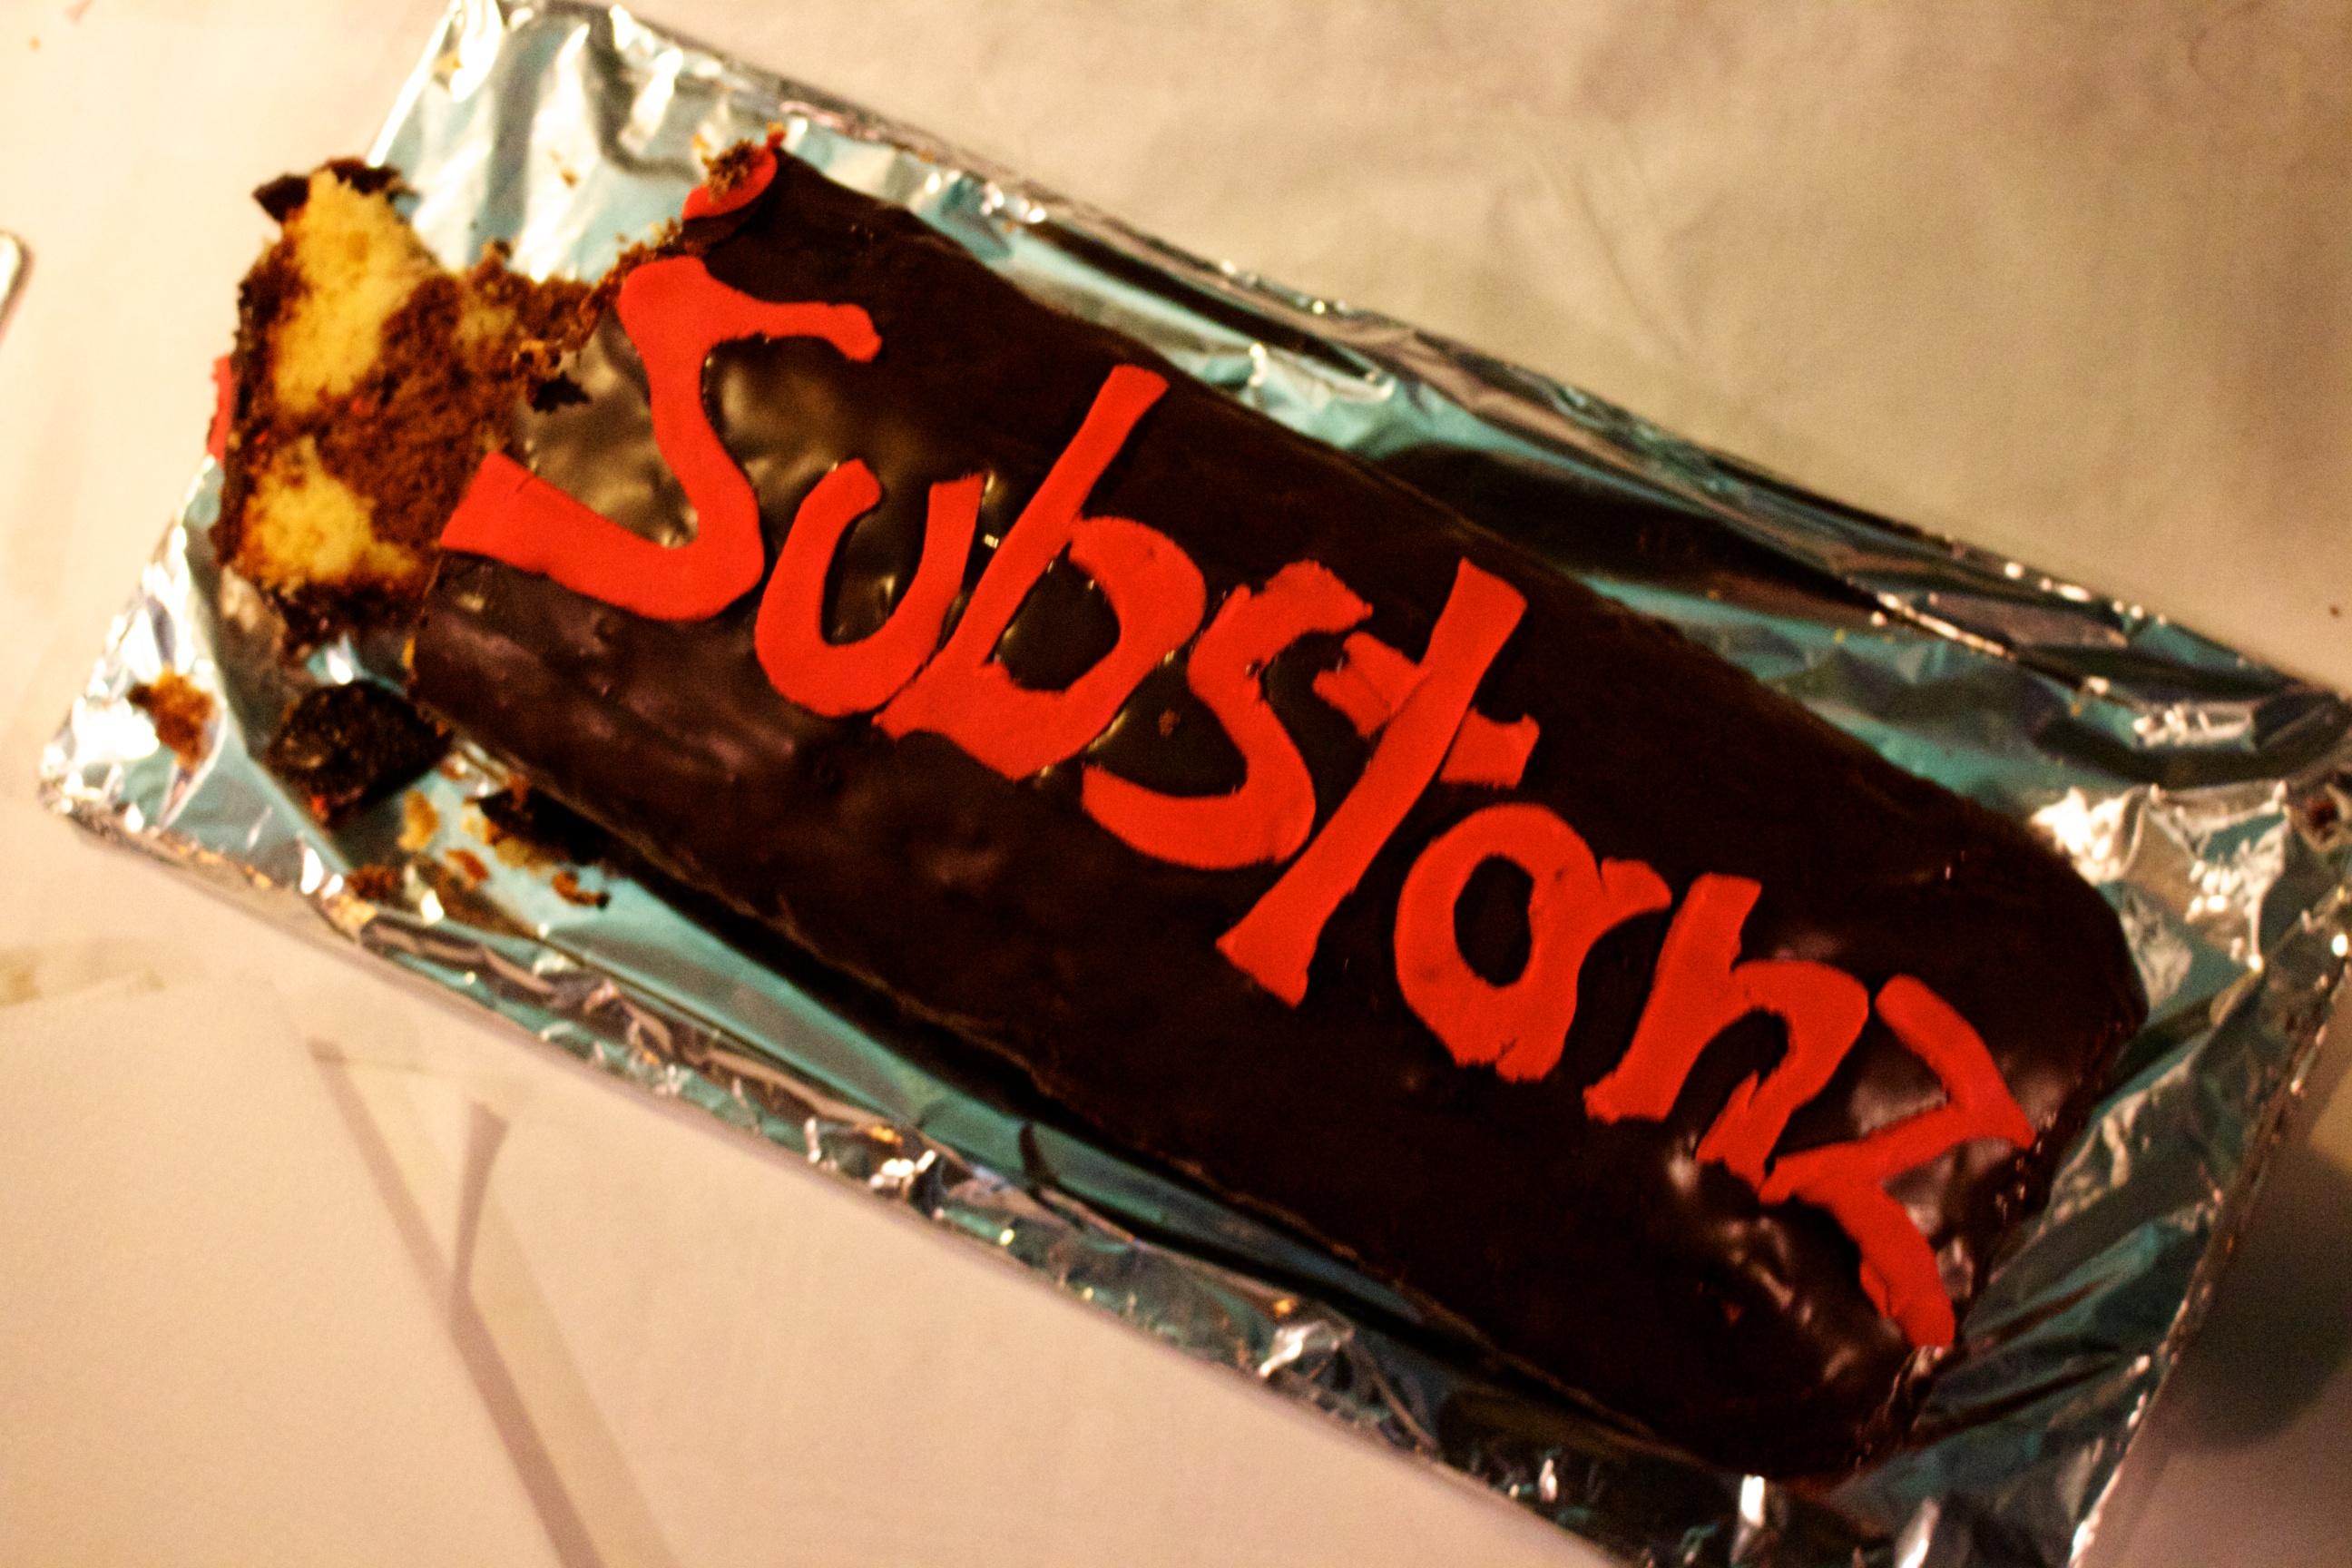 25 Jahre Substanz / 2015